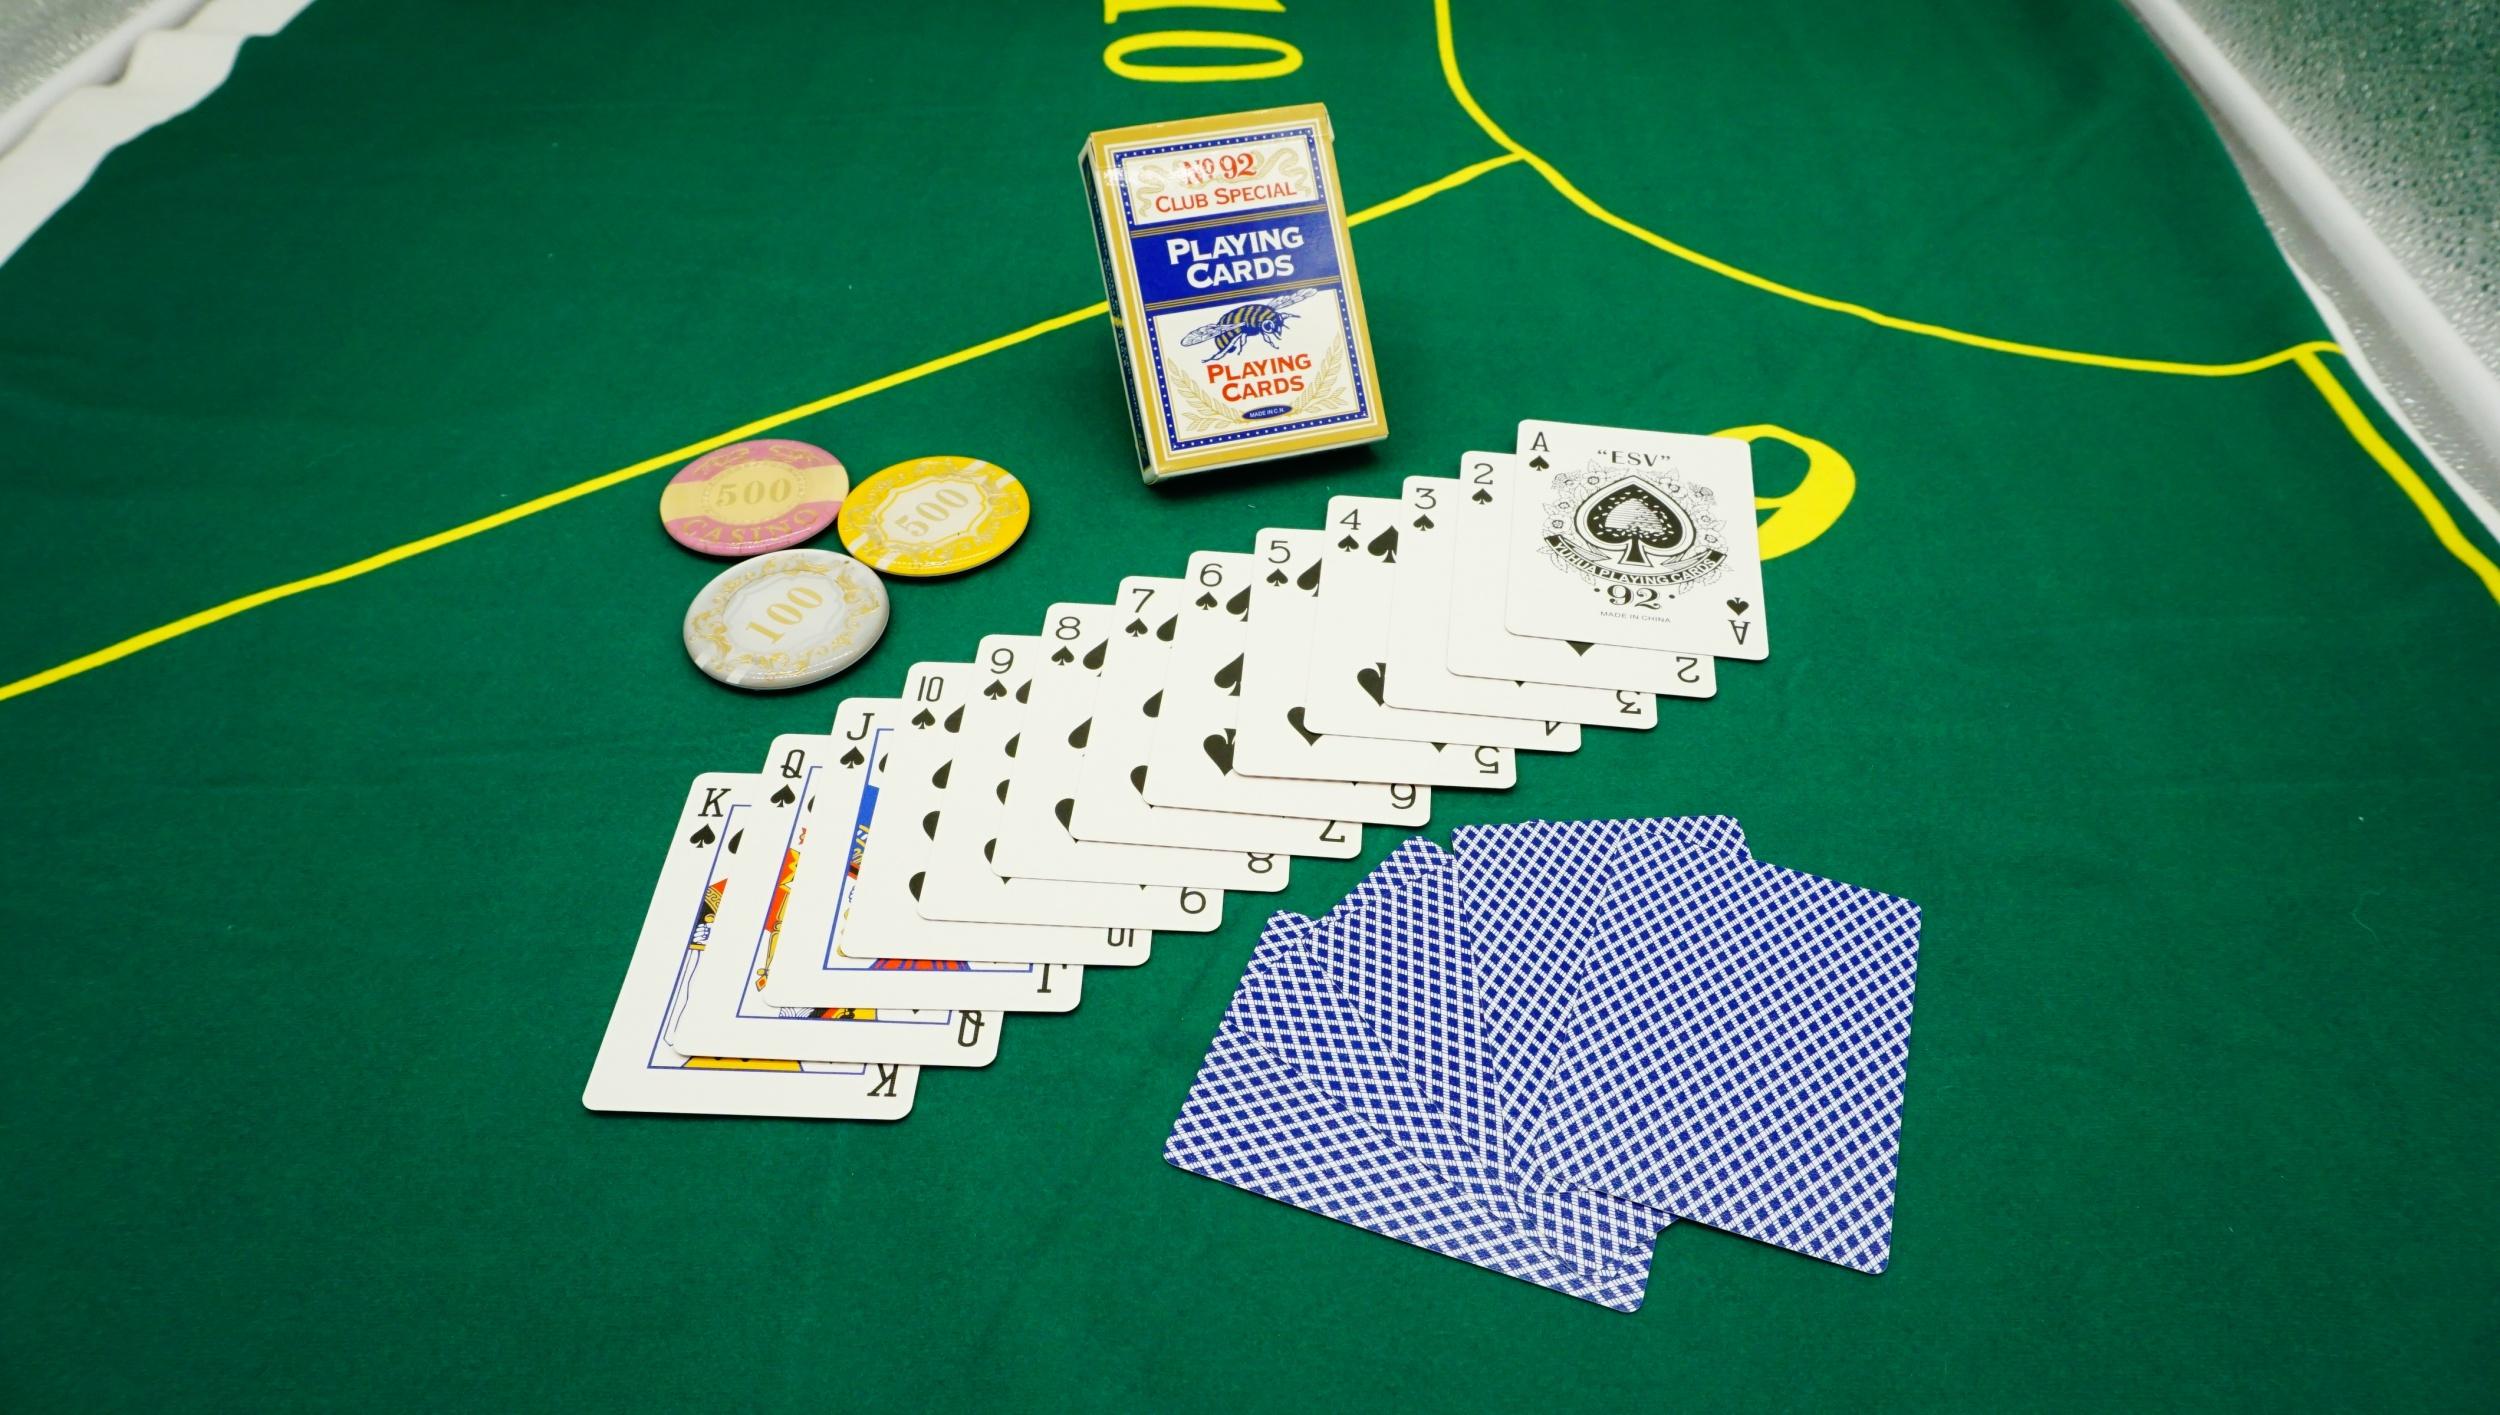 扑克牌厂家制作自己的扑克牌 - 正面定制扑克牌